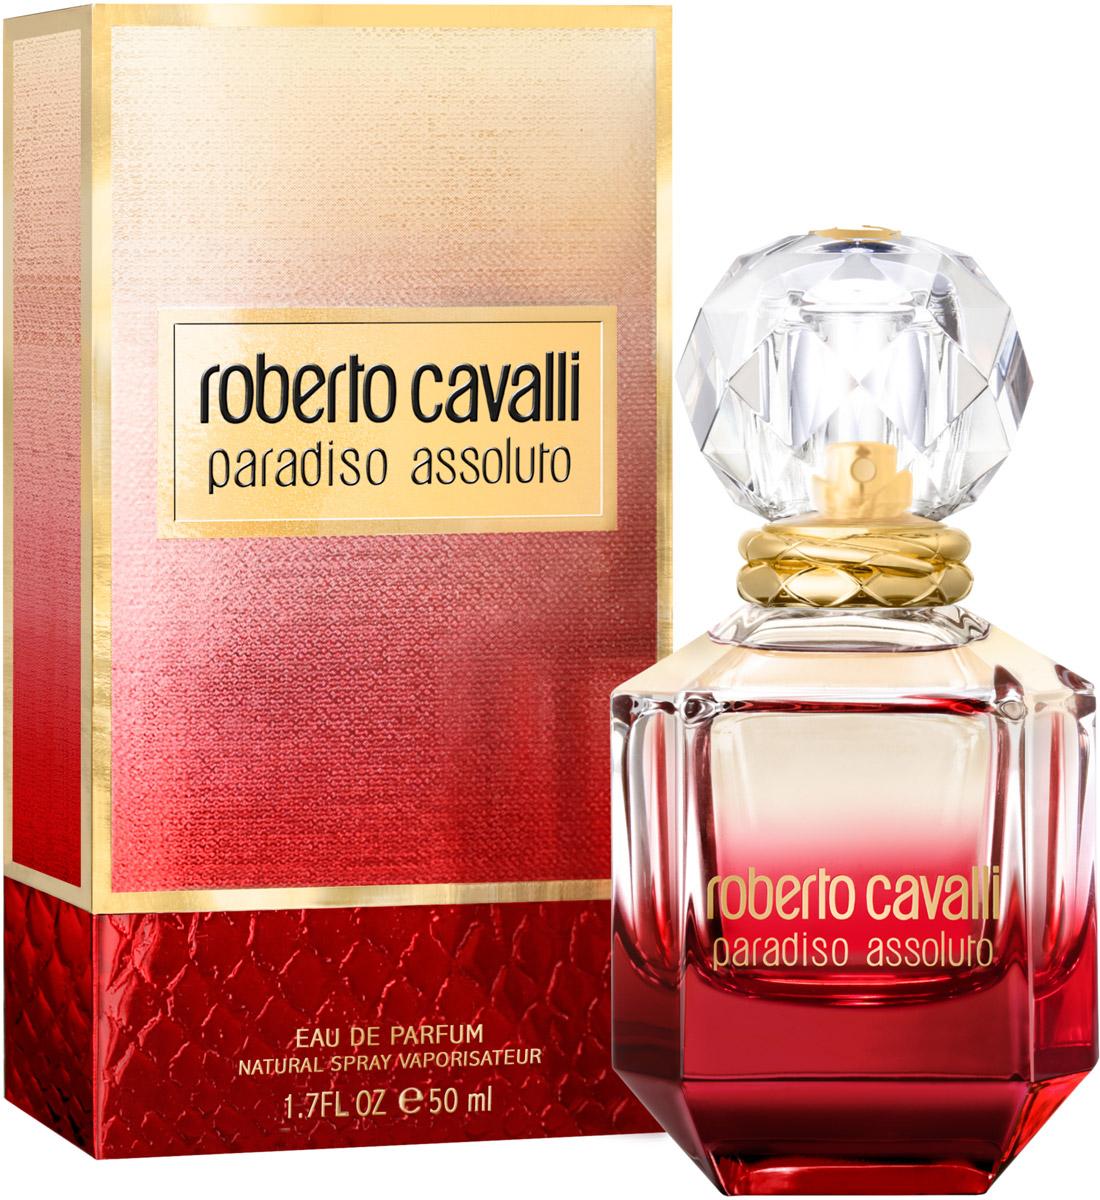 Roberto Cavalli Paradiso Assoluto женская Парфюмерная вода 50 млGESS-306Флакон аромата Paradiso Assoluto в форме красного бриллианта выполнен из стекла и увенчан крышкой в виде кристалла. Металлические кольца на горлышке флакона напоминают о любимых брендом анималистичных принтах.